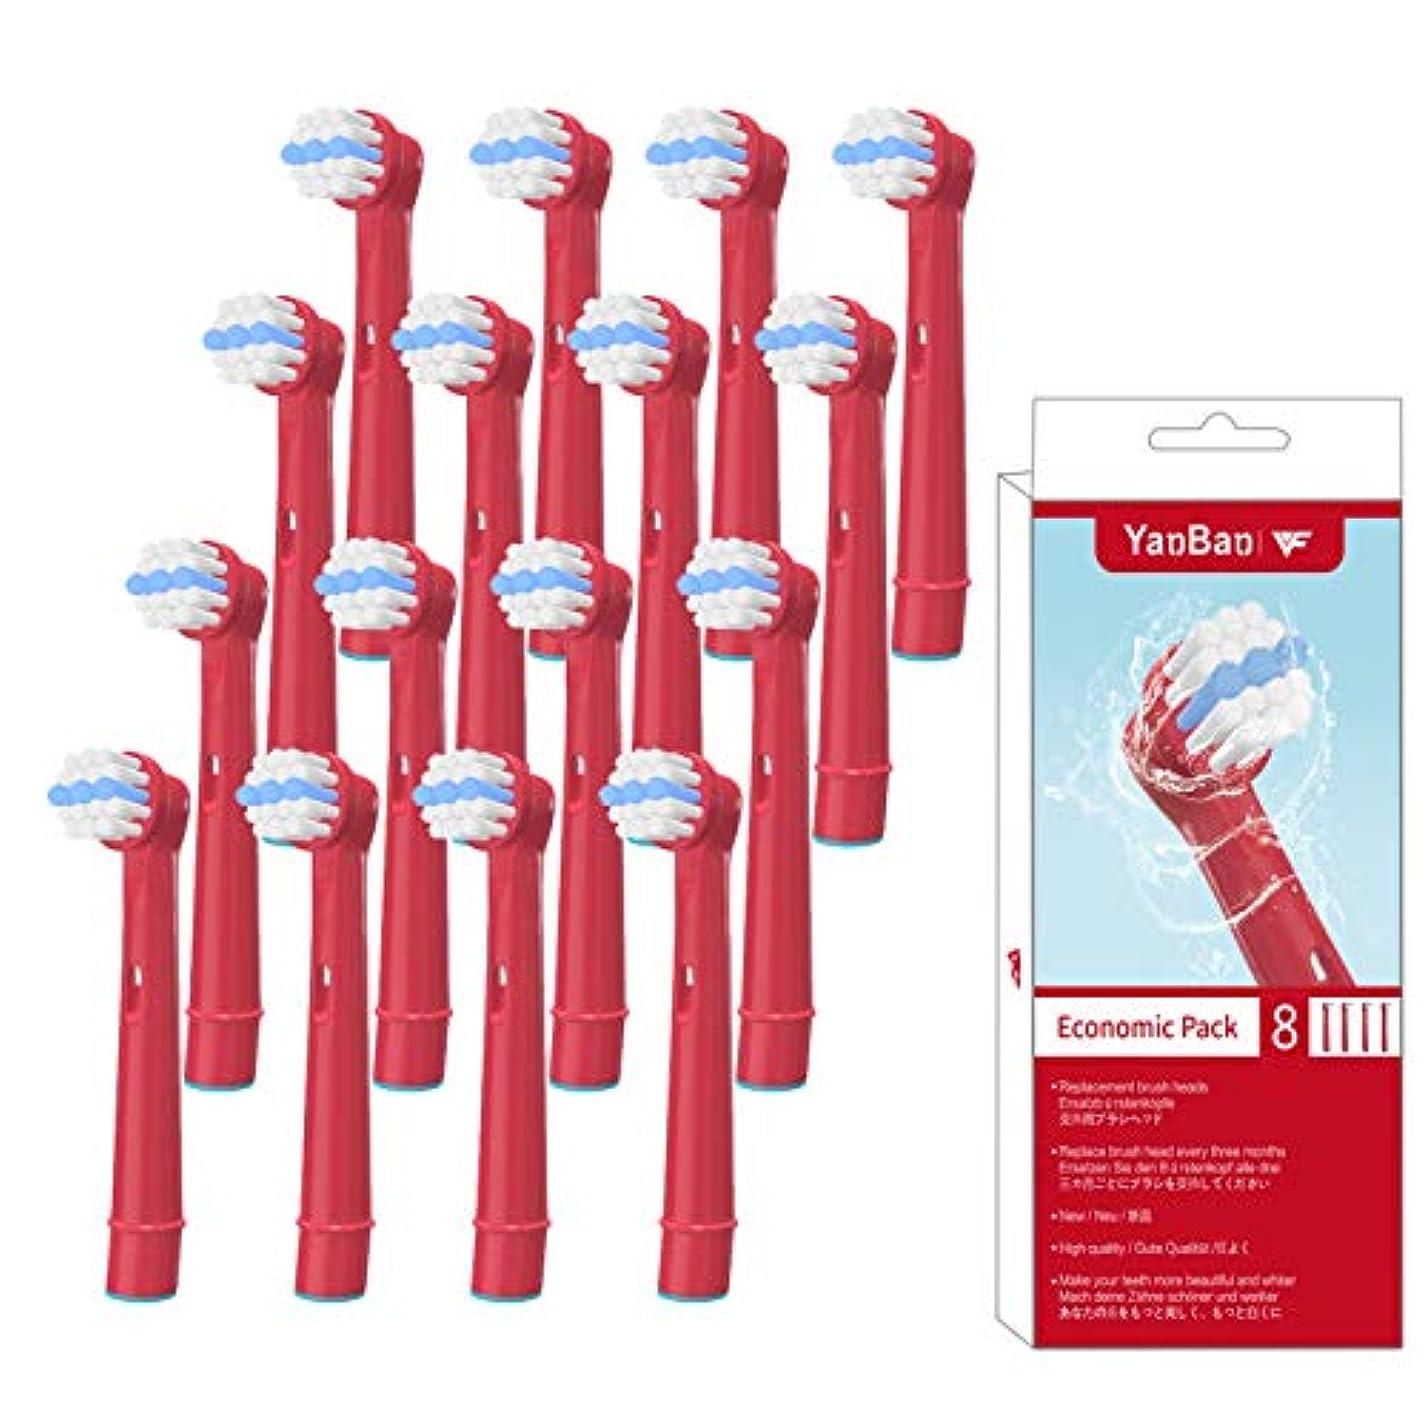 データ溢れんばかりのジョージハンブリーWyFun ブラウン オーラルB 対応 電動歯ブラシ 子供用 すみずみクリーンキッズ レッド 歯ブラシ やわらかめ 替ブラシ (16レッド)